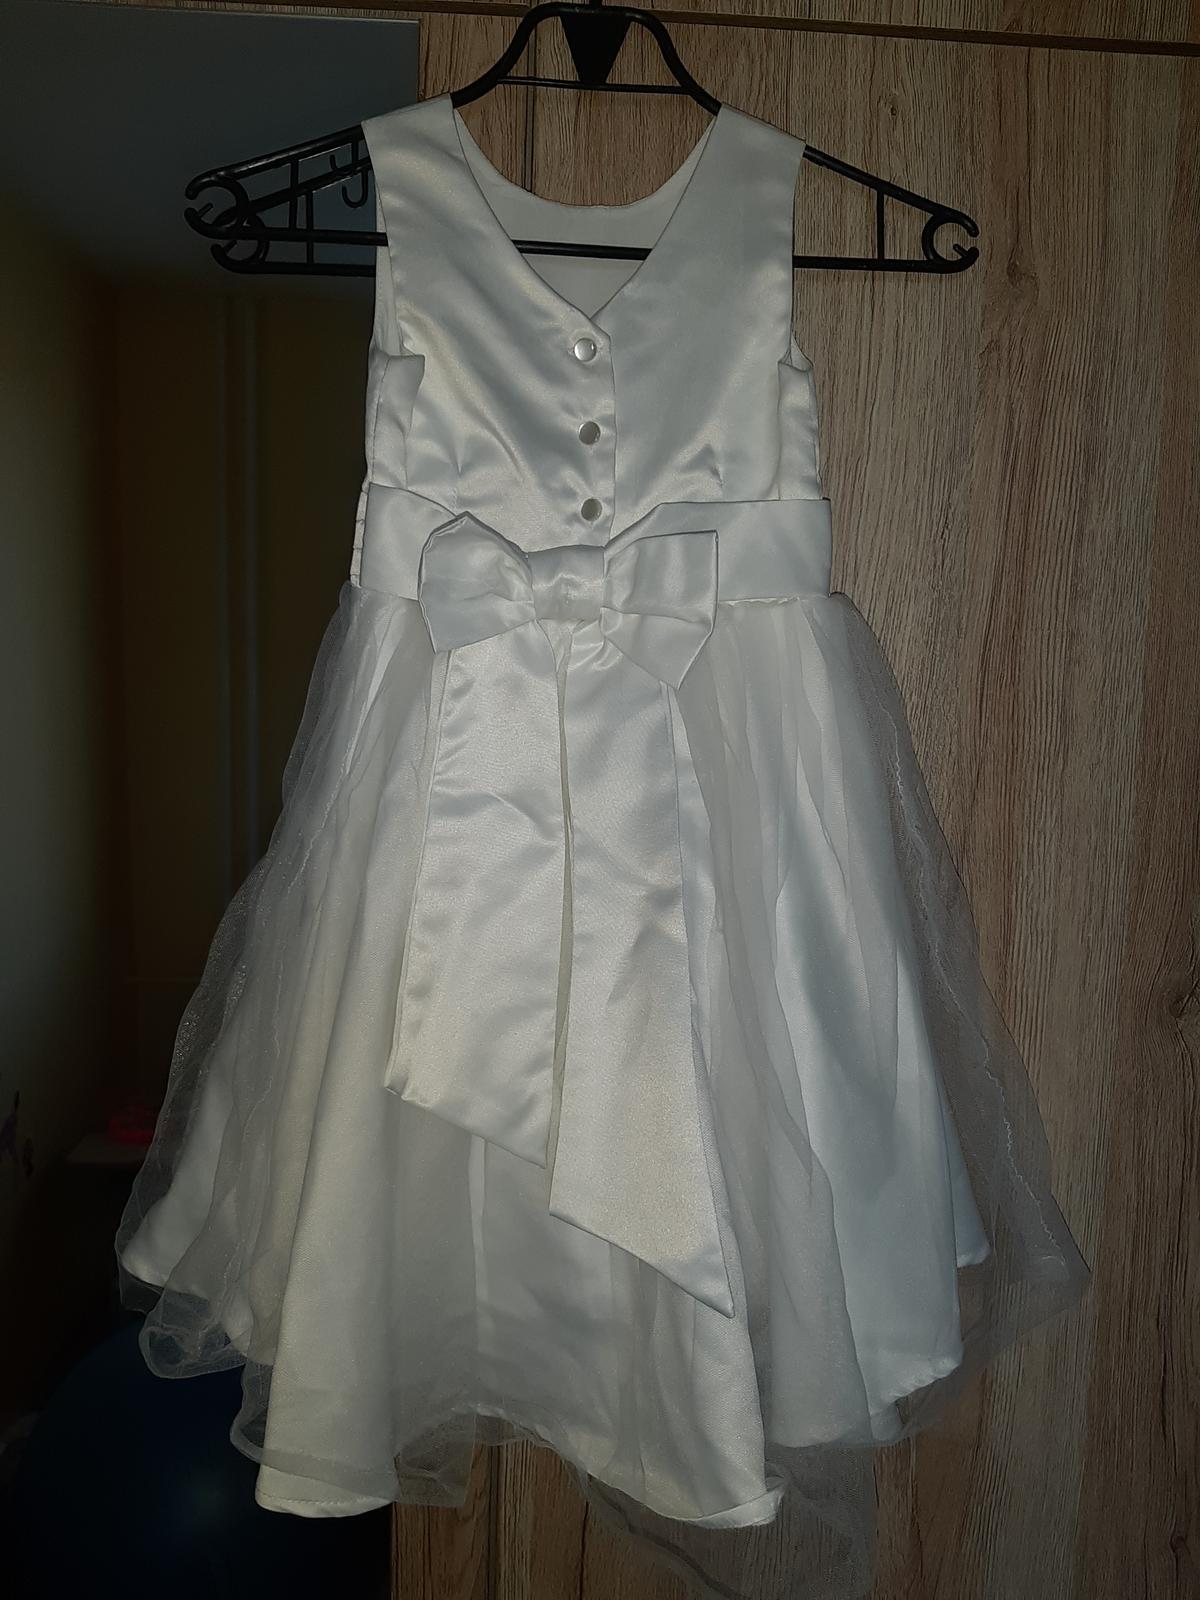 družičkové šaty s kabátkem - Obrázek č. 3